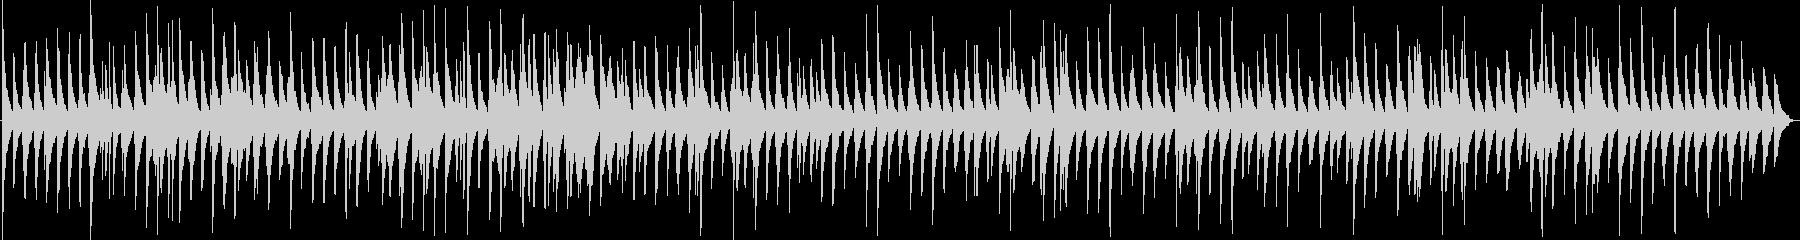 淡い・癒し 切ない静かな幻想的ピアノソロの未再生の波形